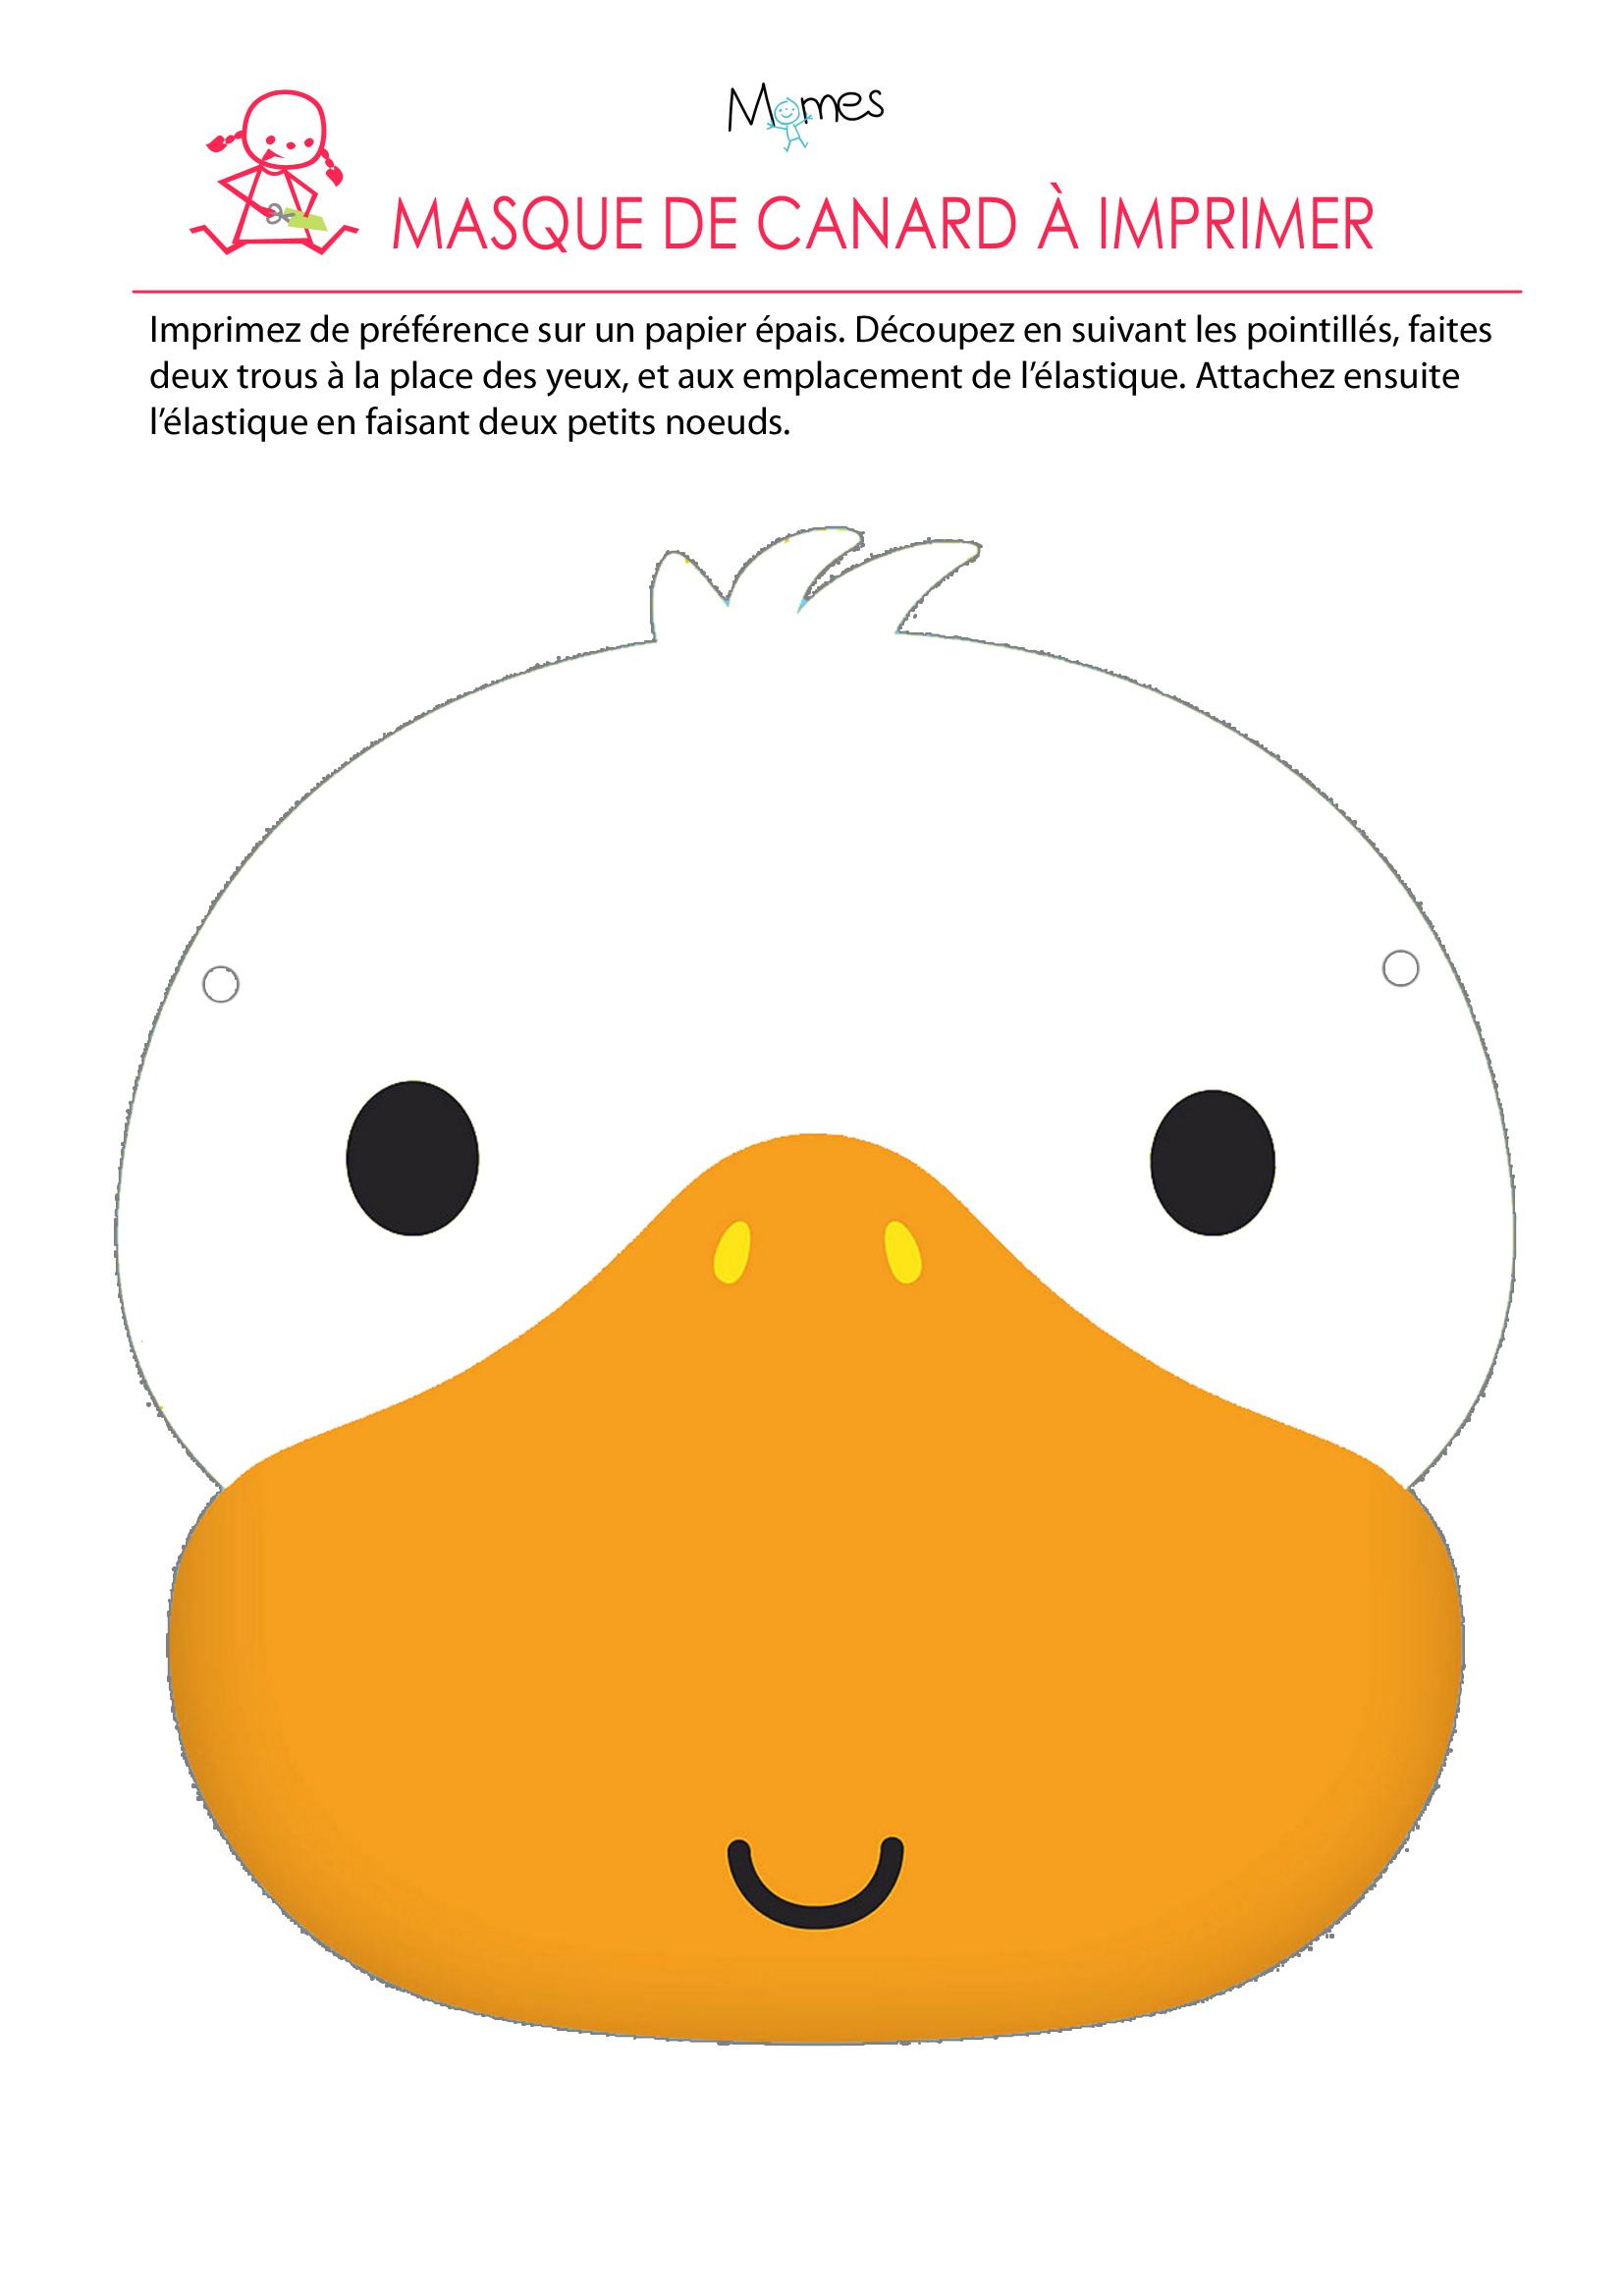 Les Masques Du Carnaval: Le Masque De Canard - Momes concernant Masque Carnaval Maternelle À Imprimer